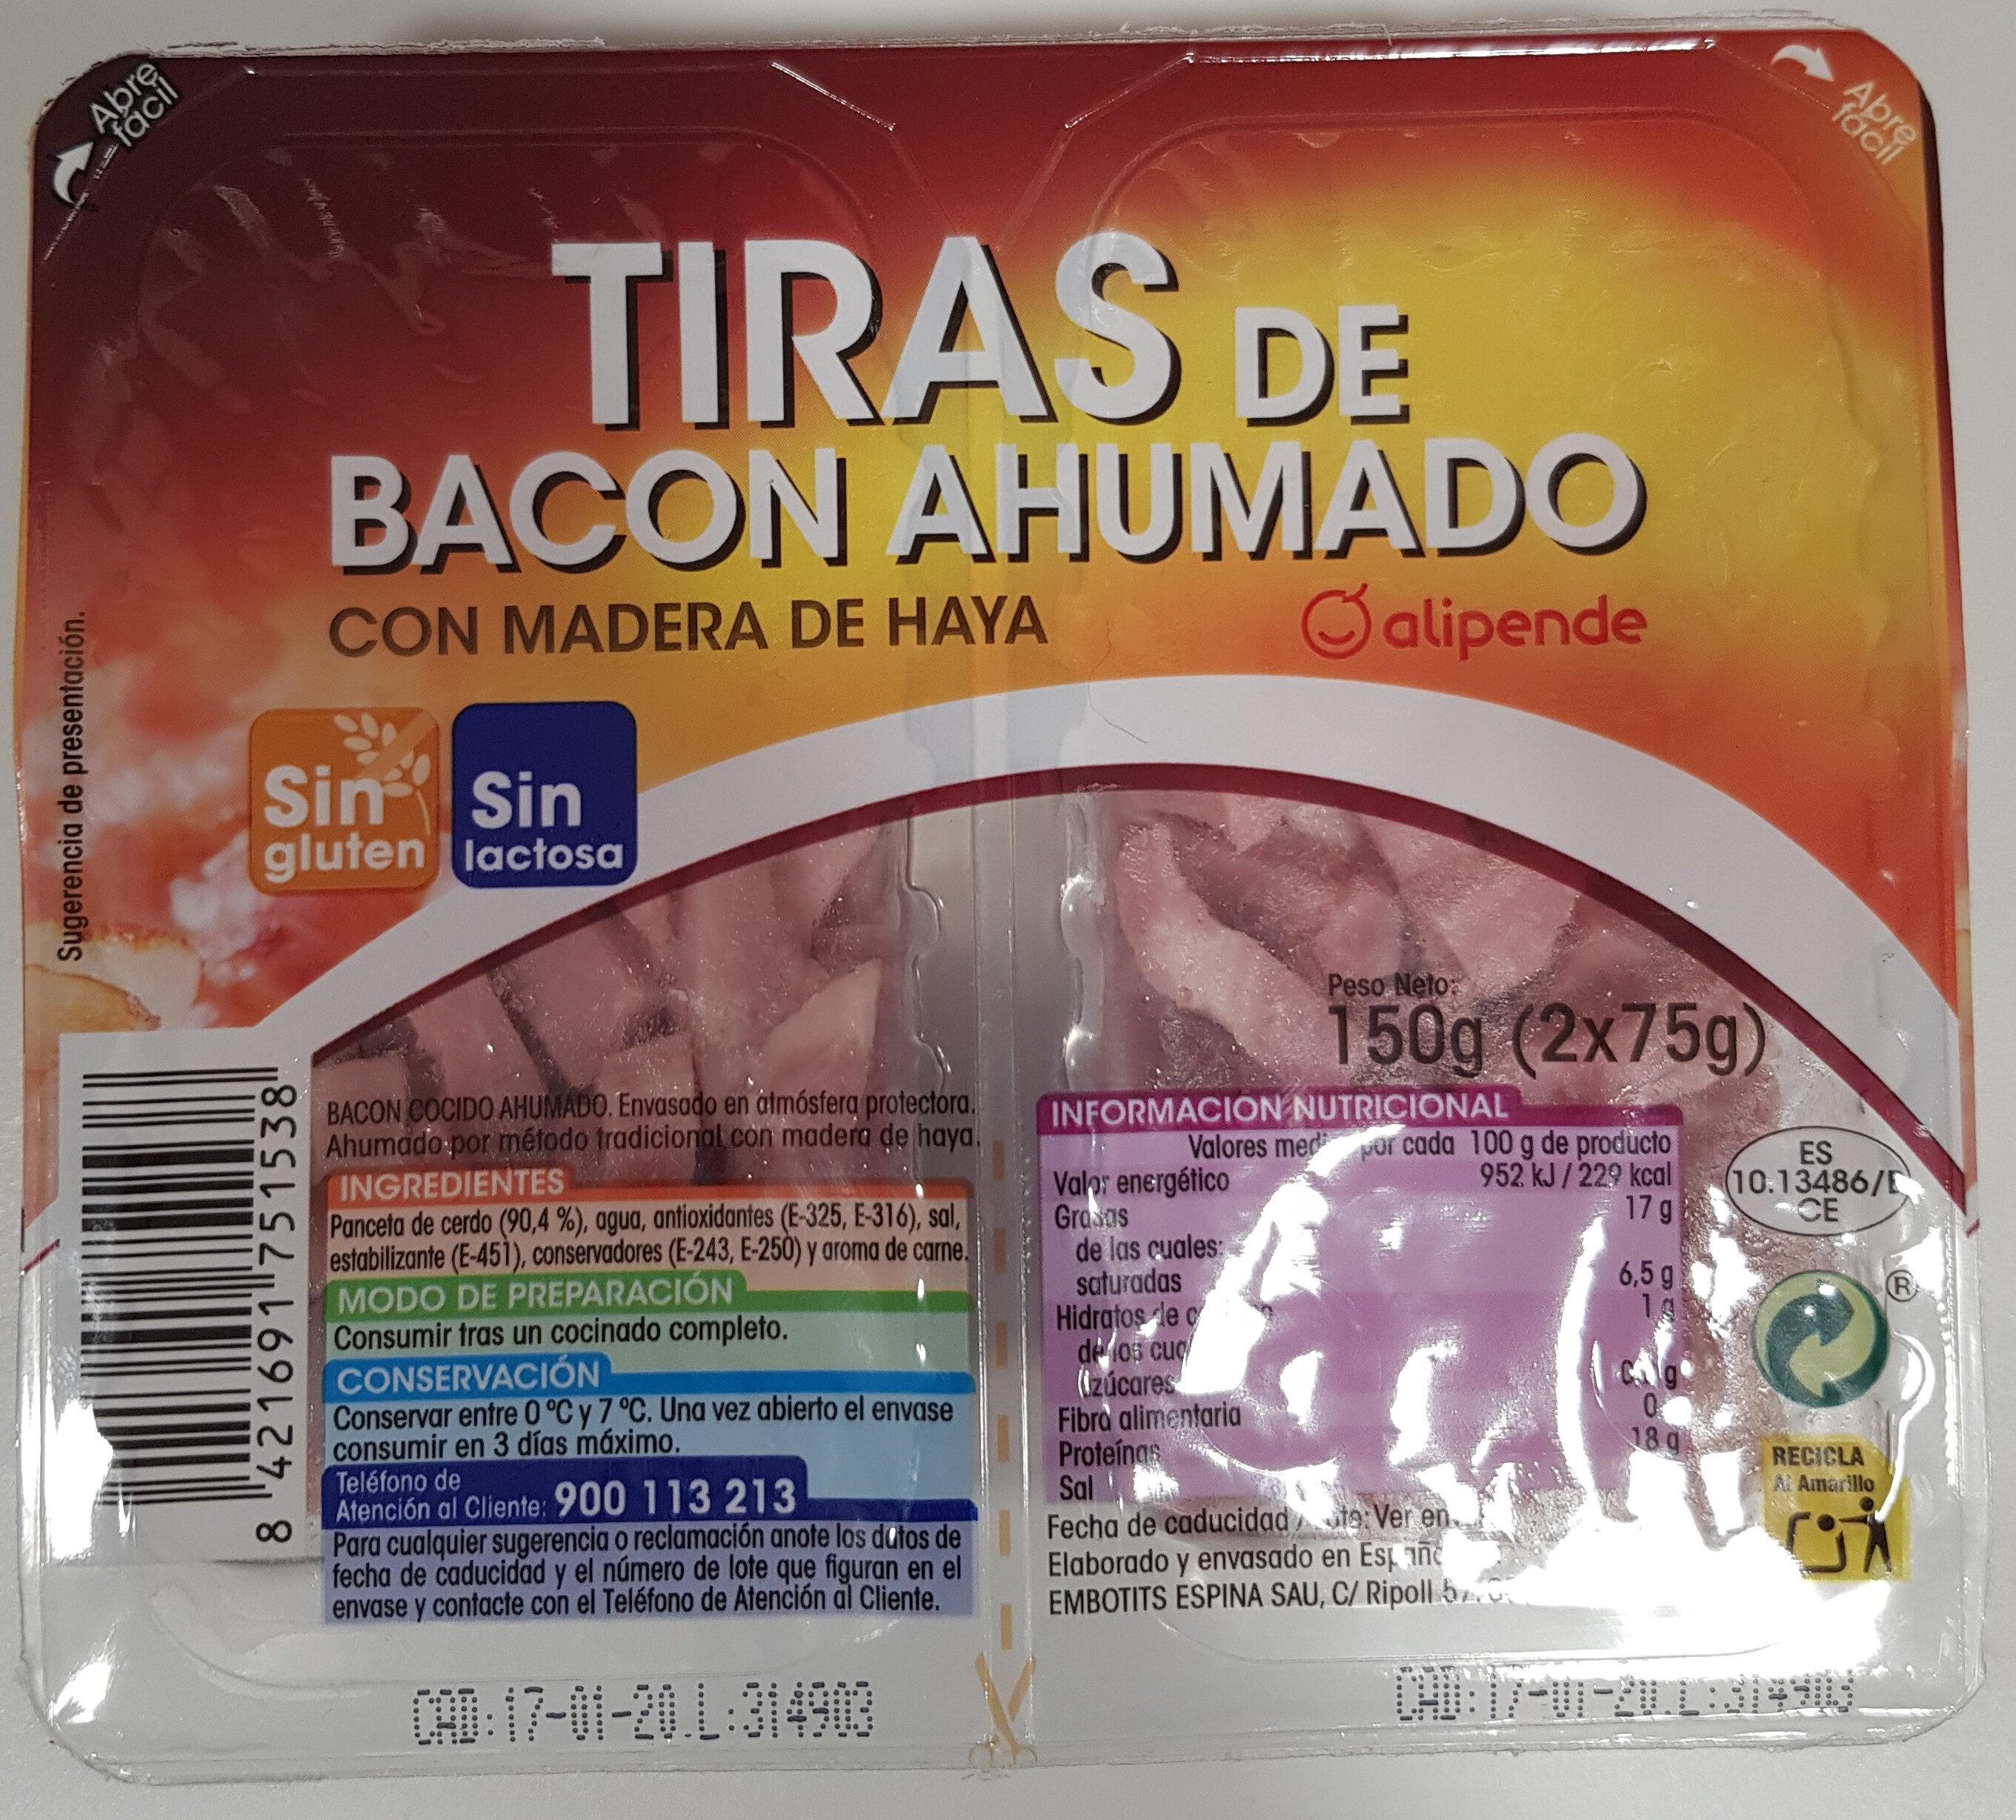 Tiras de bacon ahumado - Producto